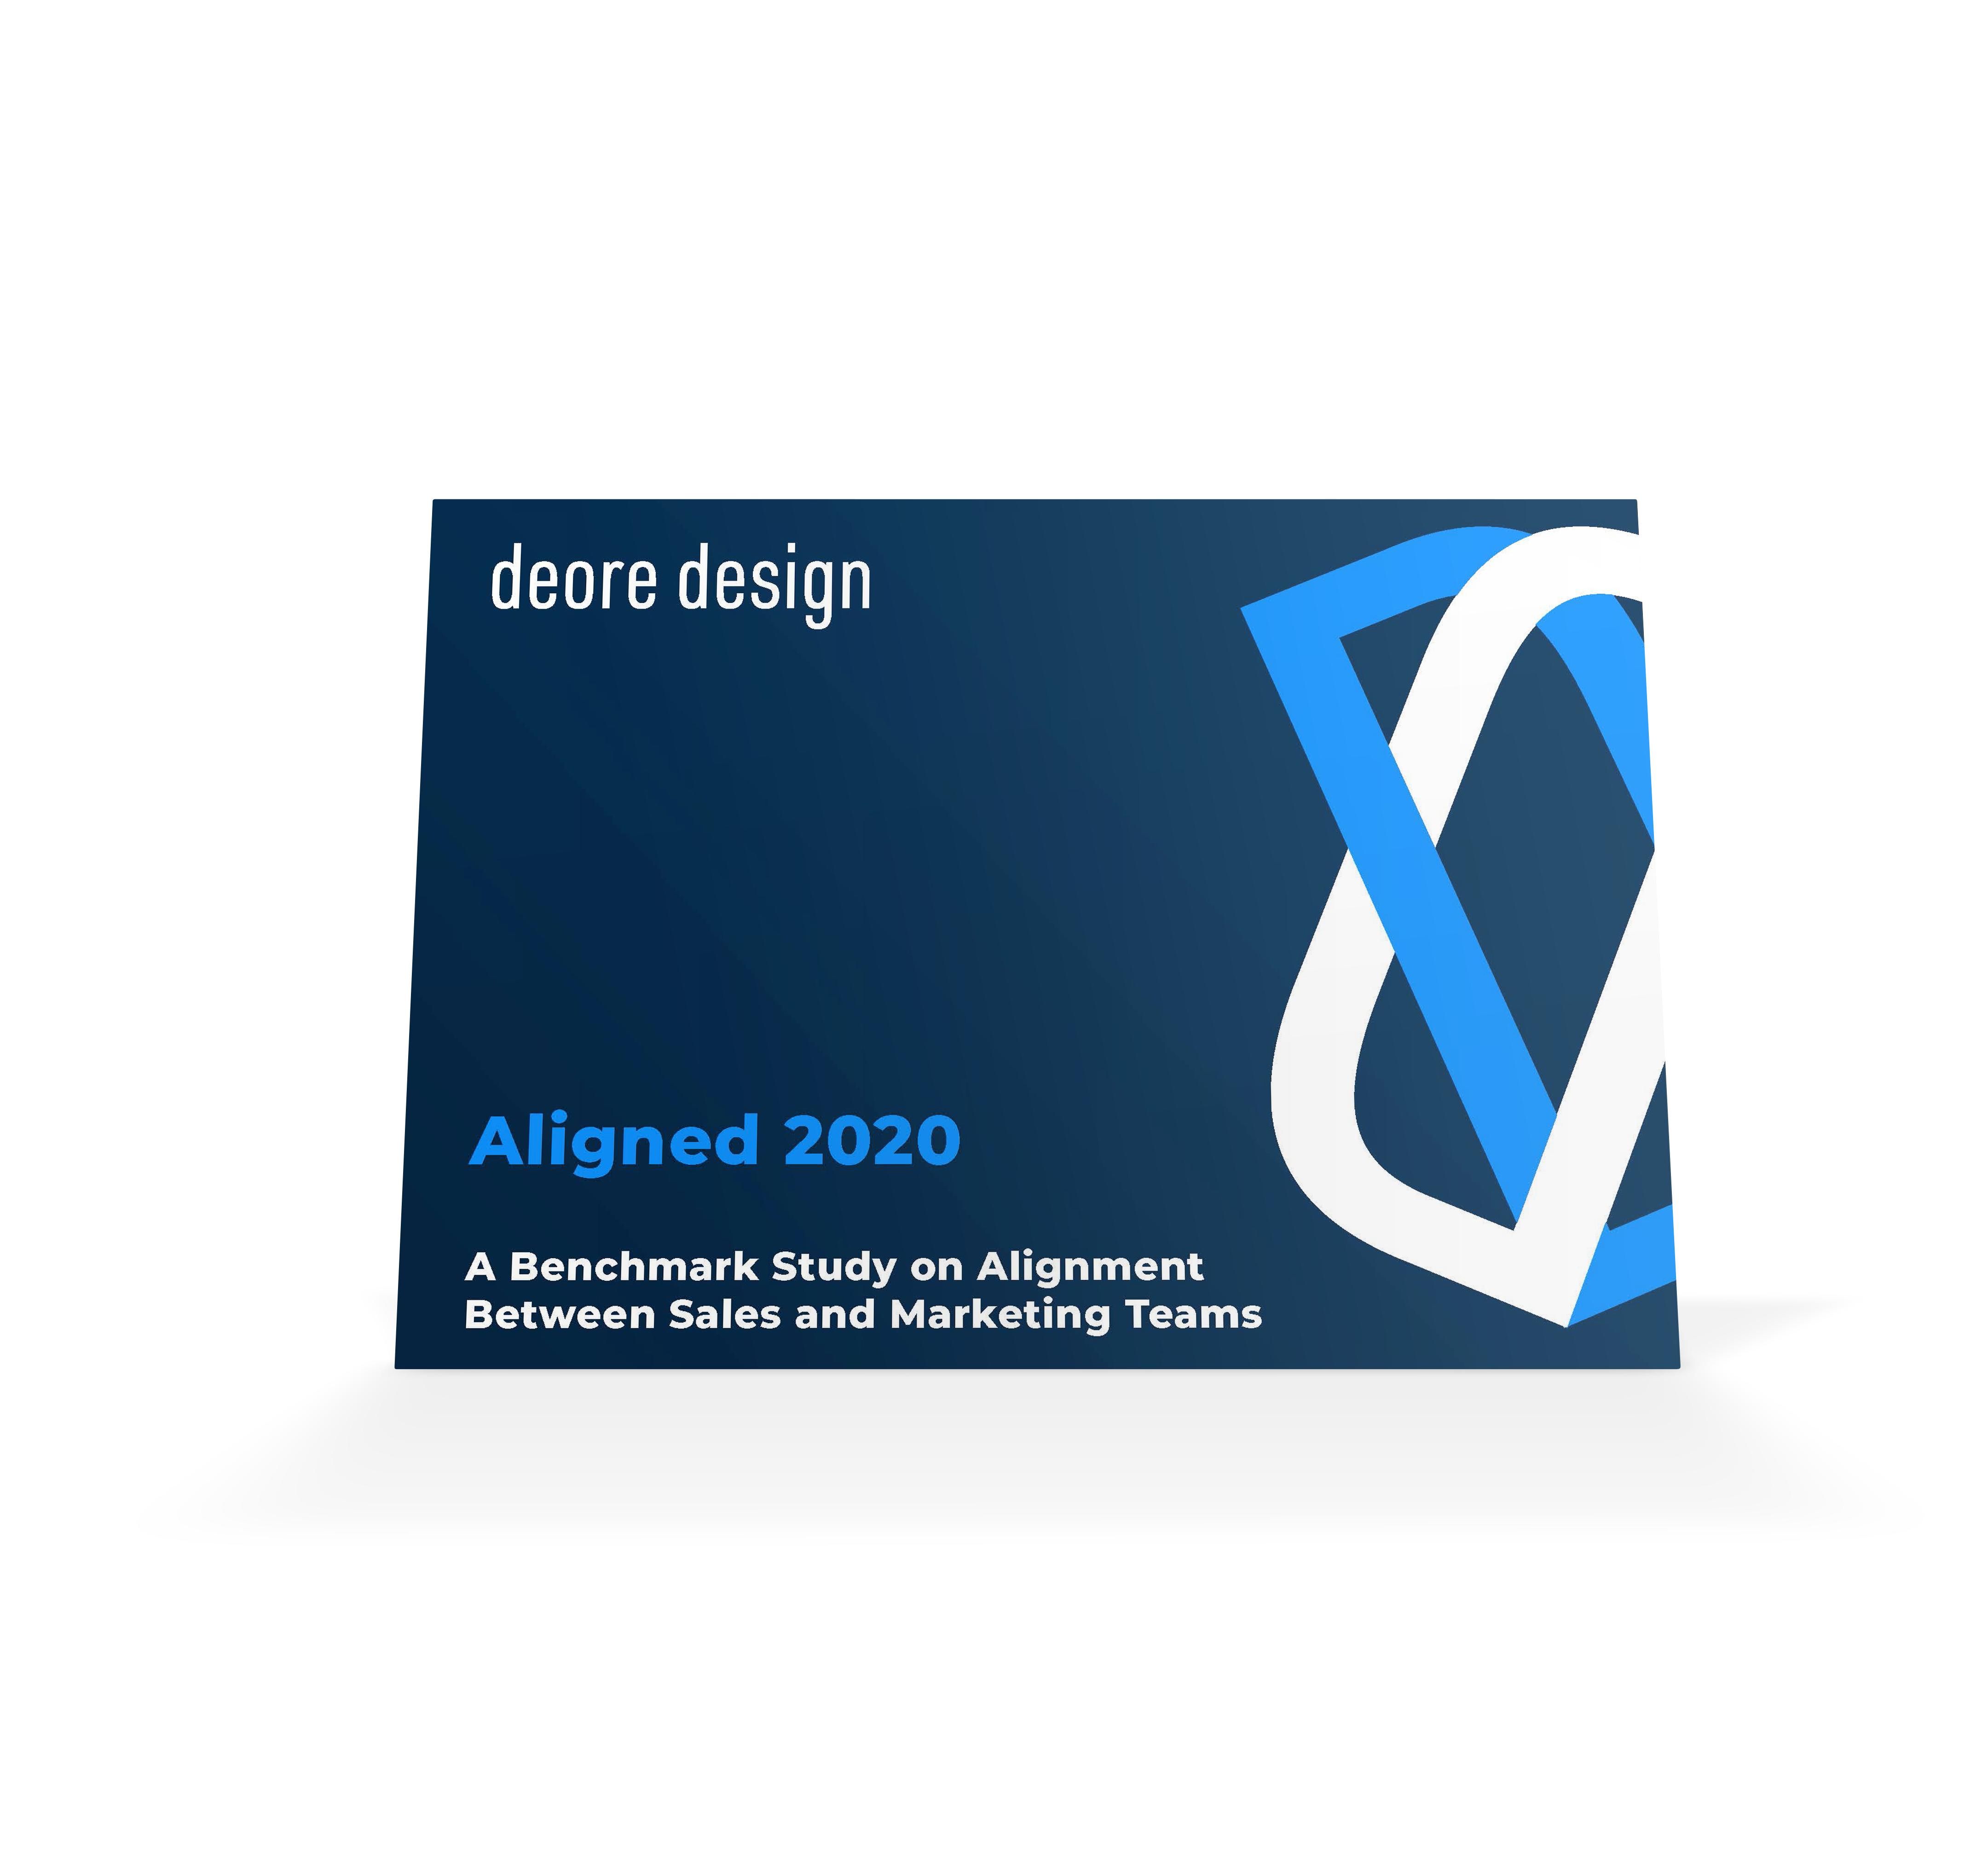 aligned 2020